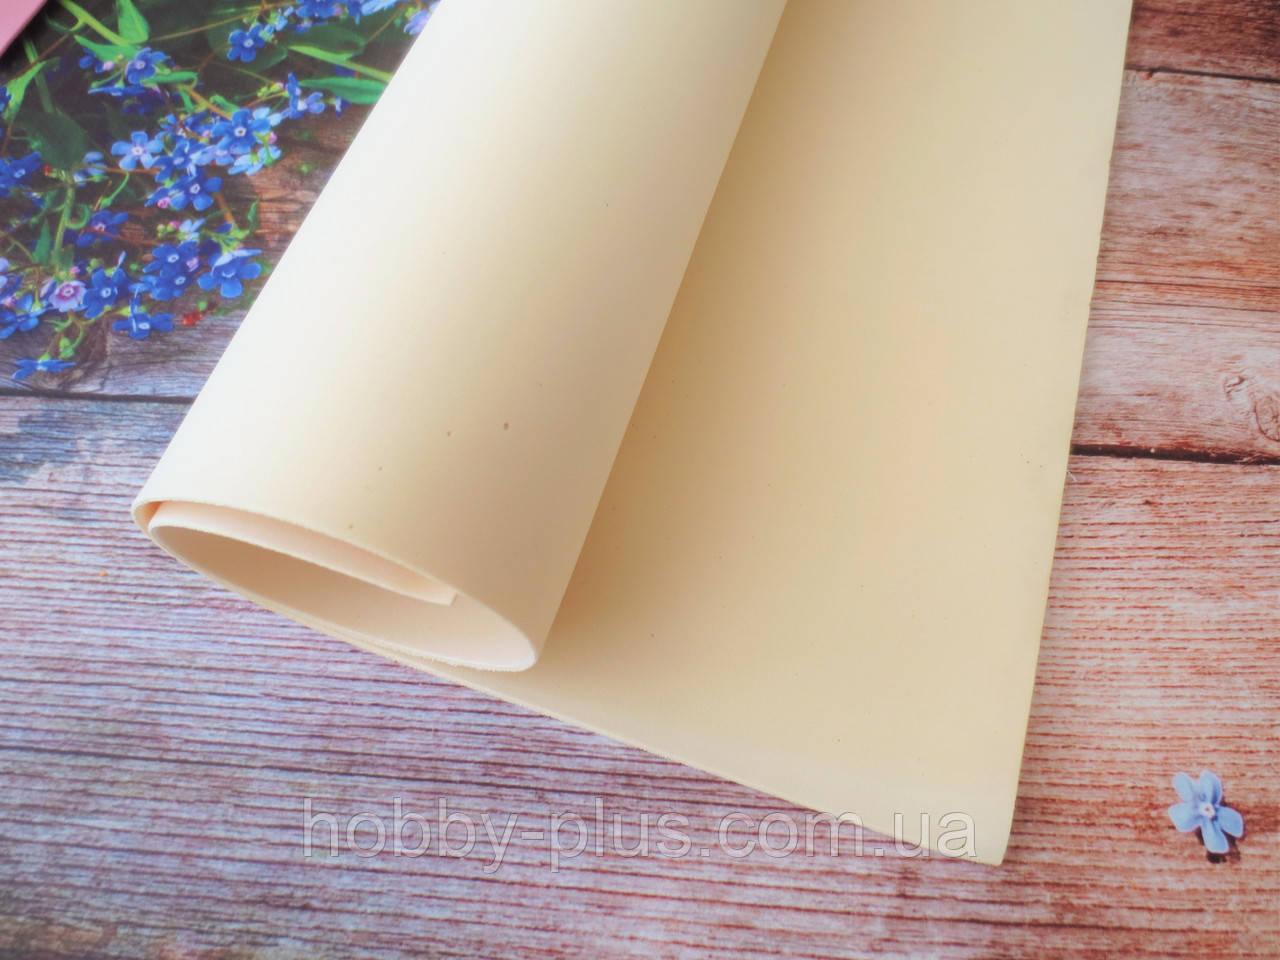 Фоамиран для ростовых цветов, 2 мм, 50х50 см, цвет молочный